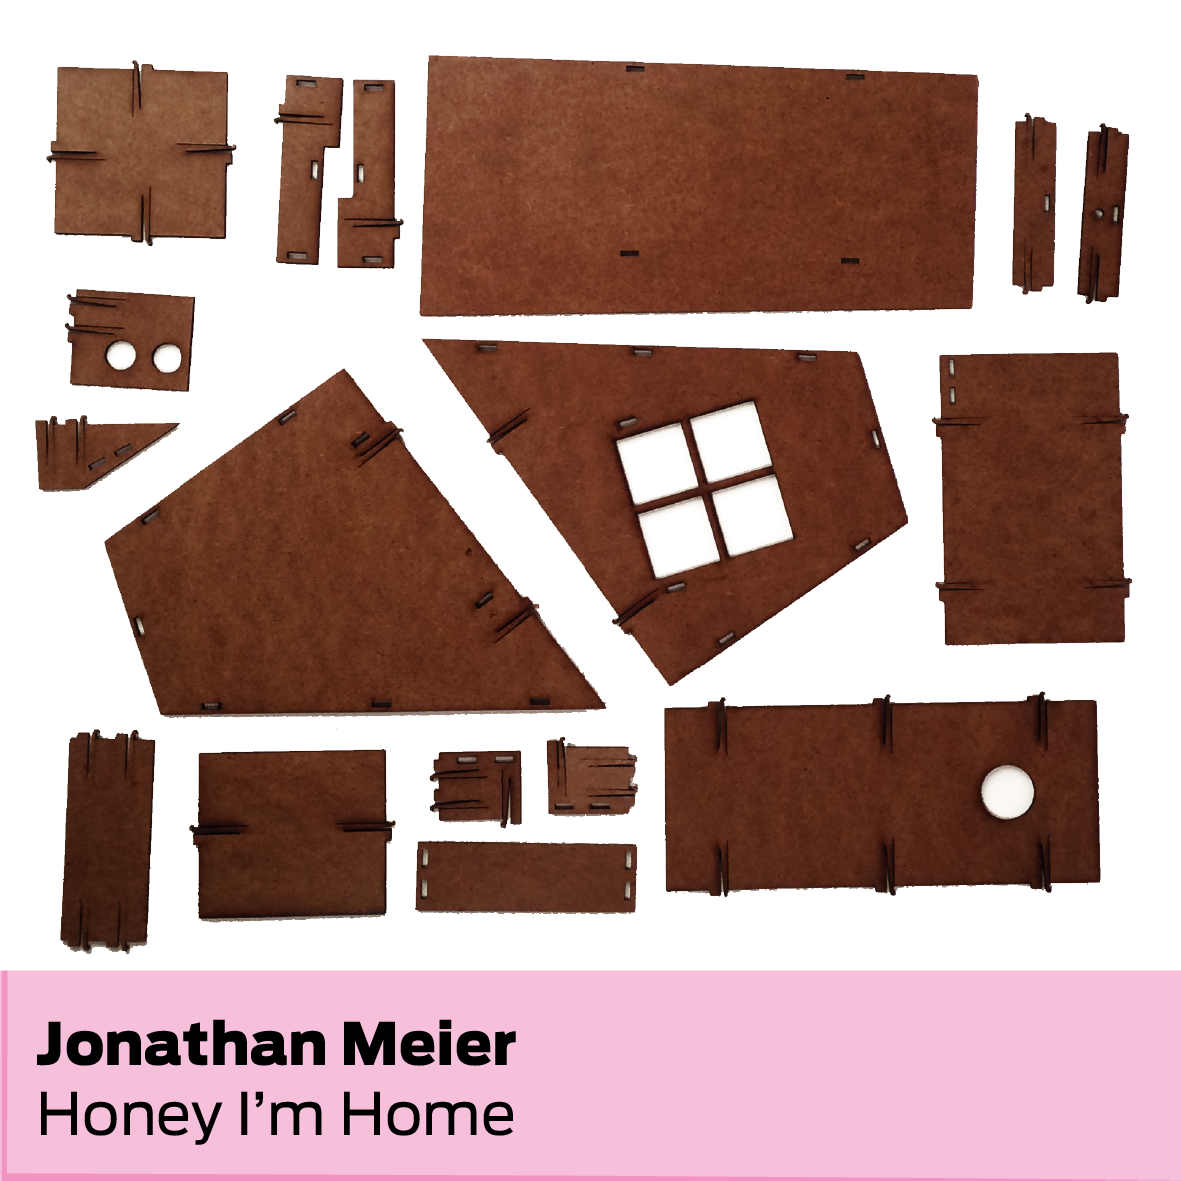 Jonathan Meier (DK): Honey I'm Home